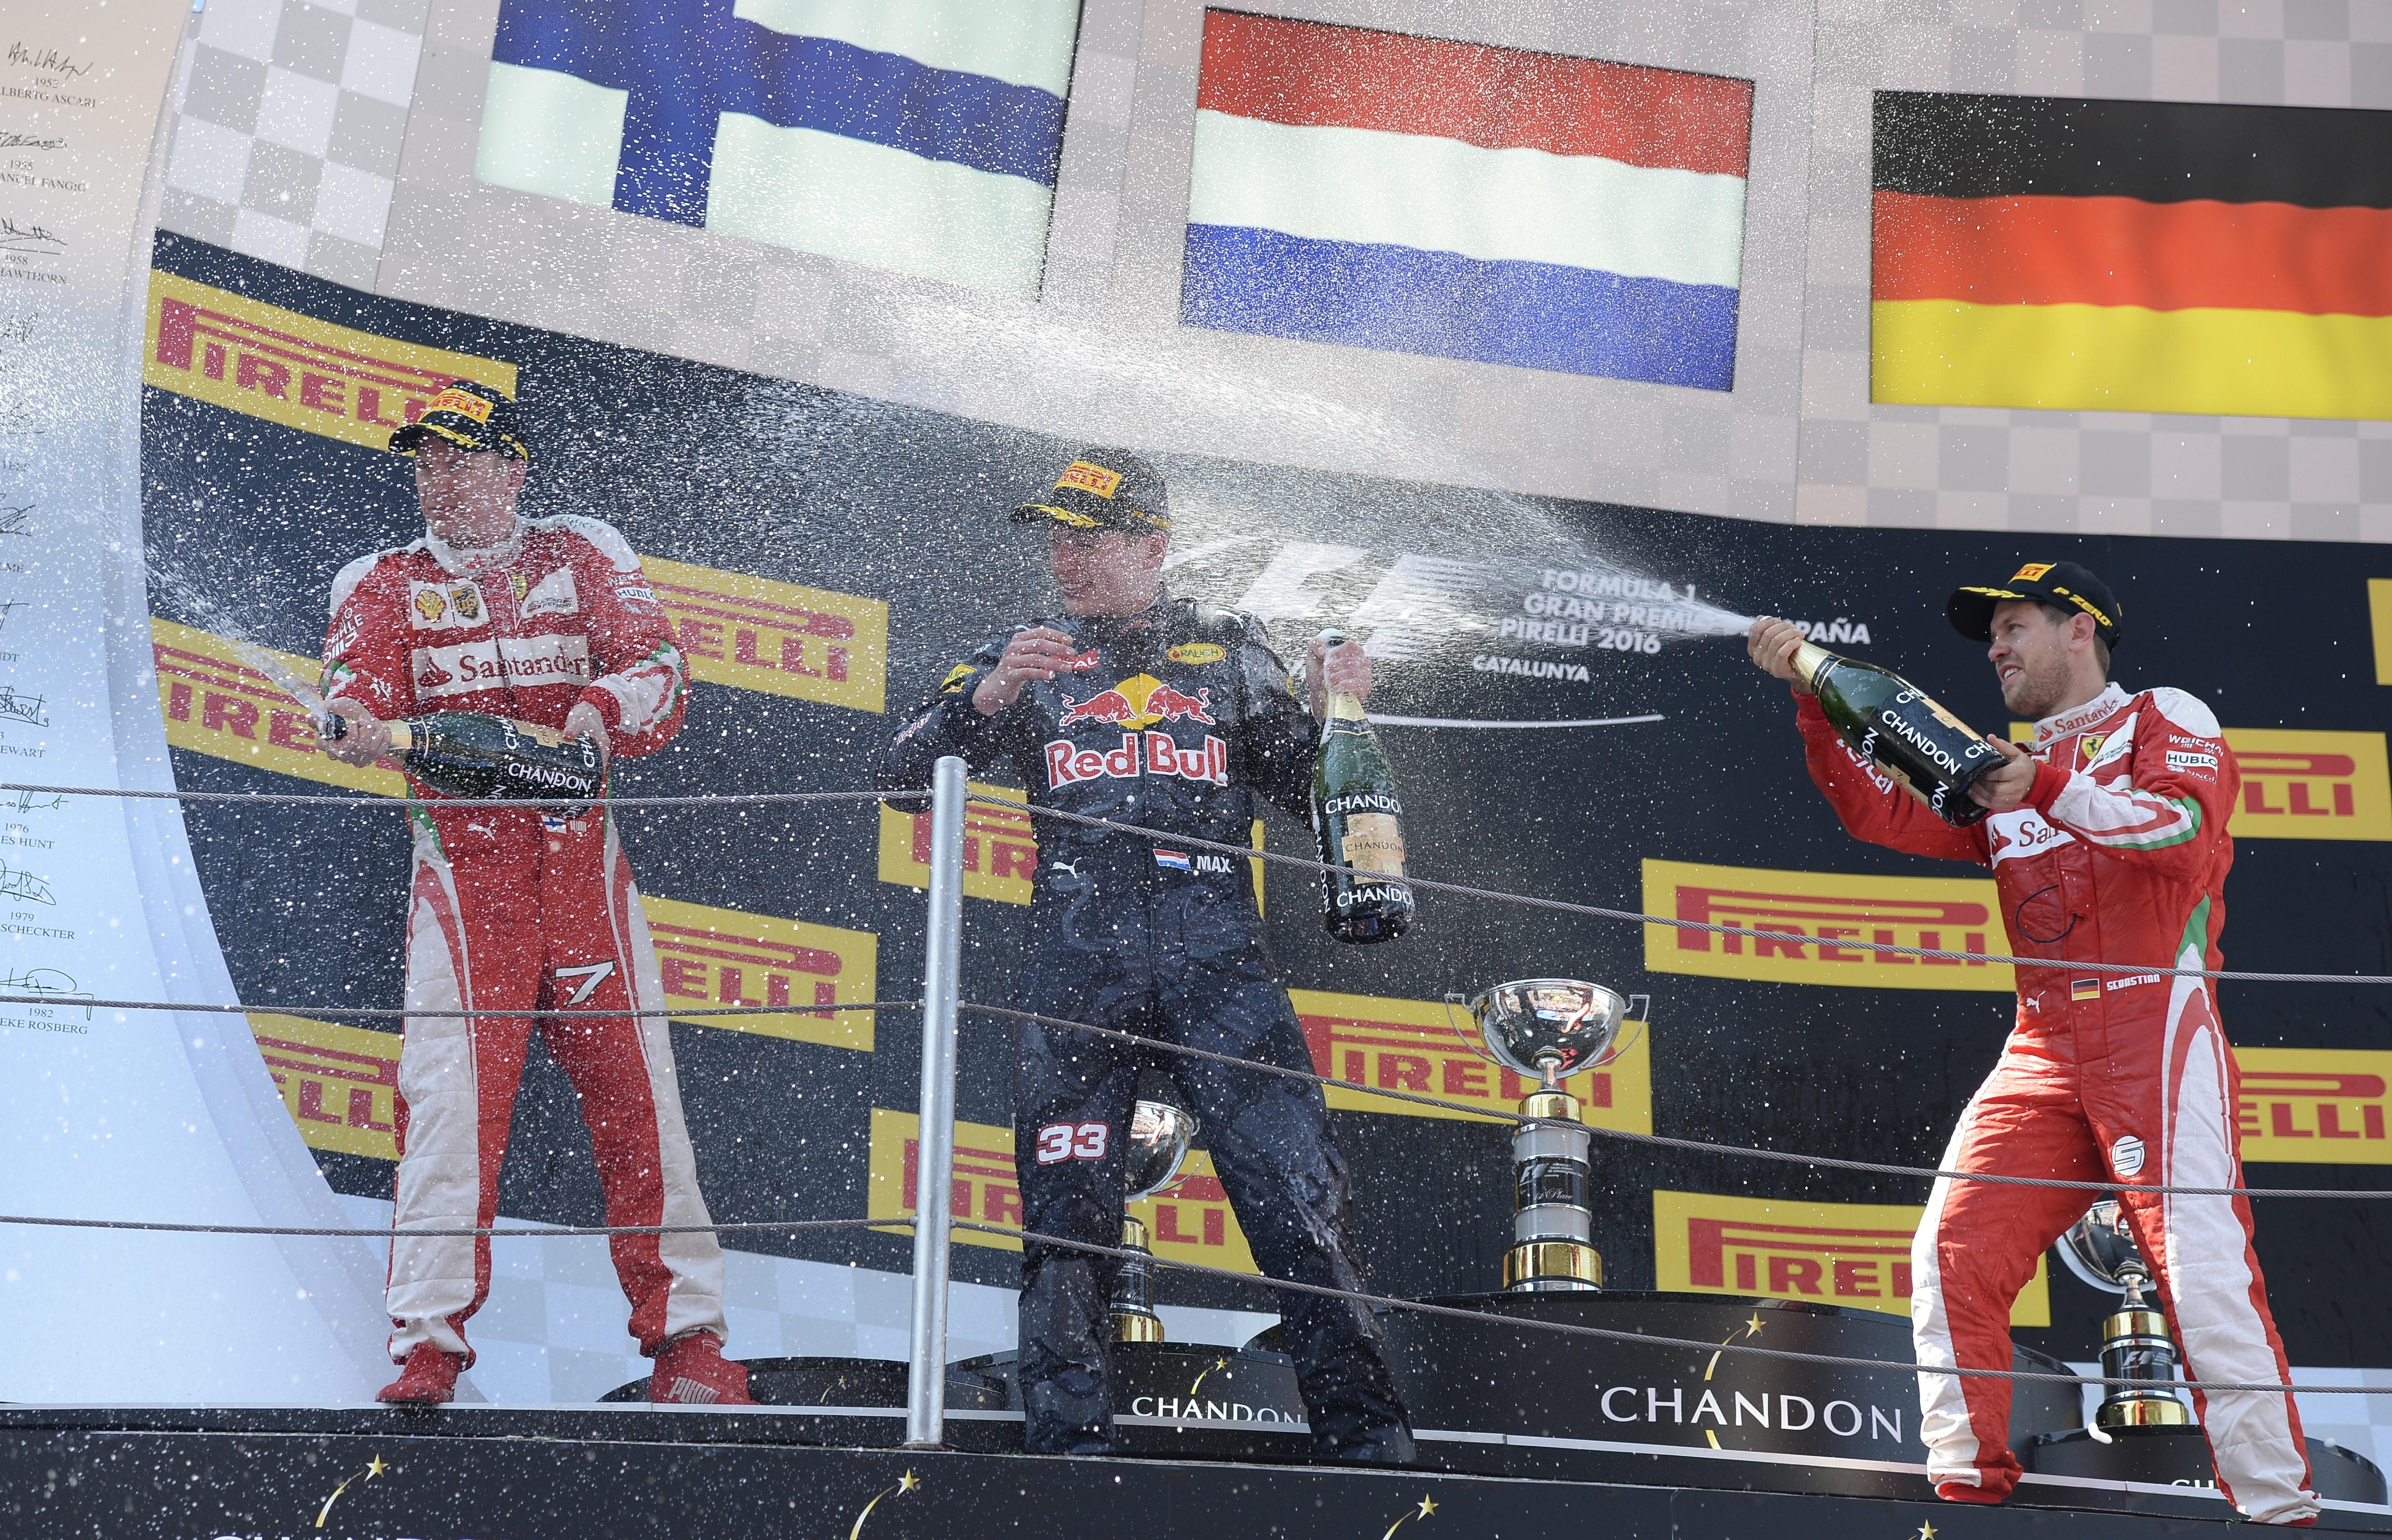 Kimi Räikkönen (Ferrari), Max Verstappen (Red Bull) et Sebastian Vettel (Ferrari) au Grand Prix d'Espagne 2016